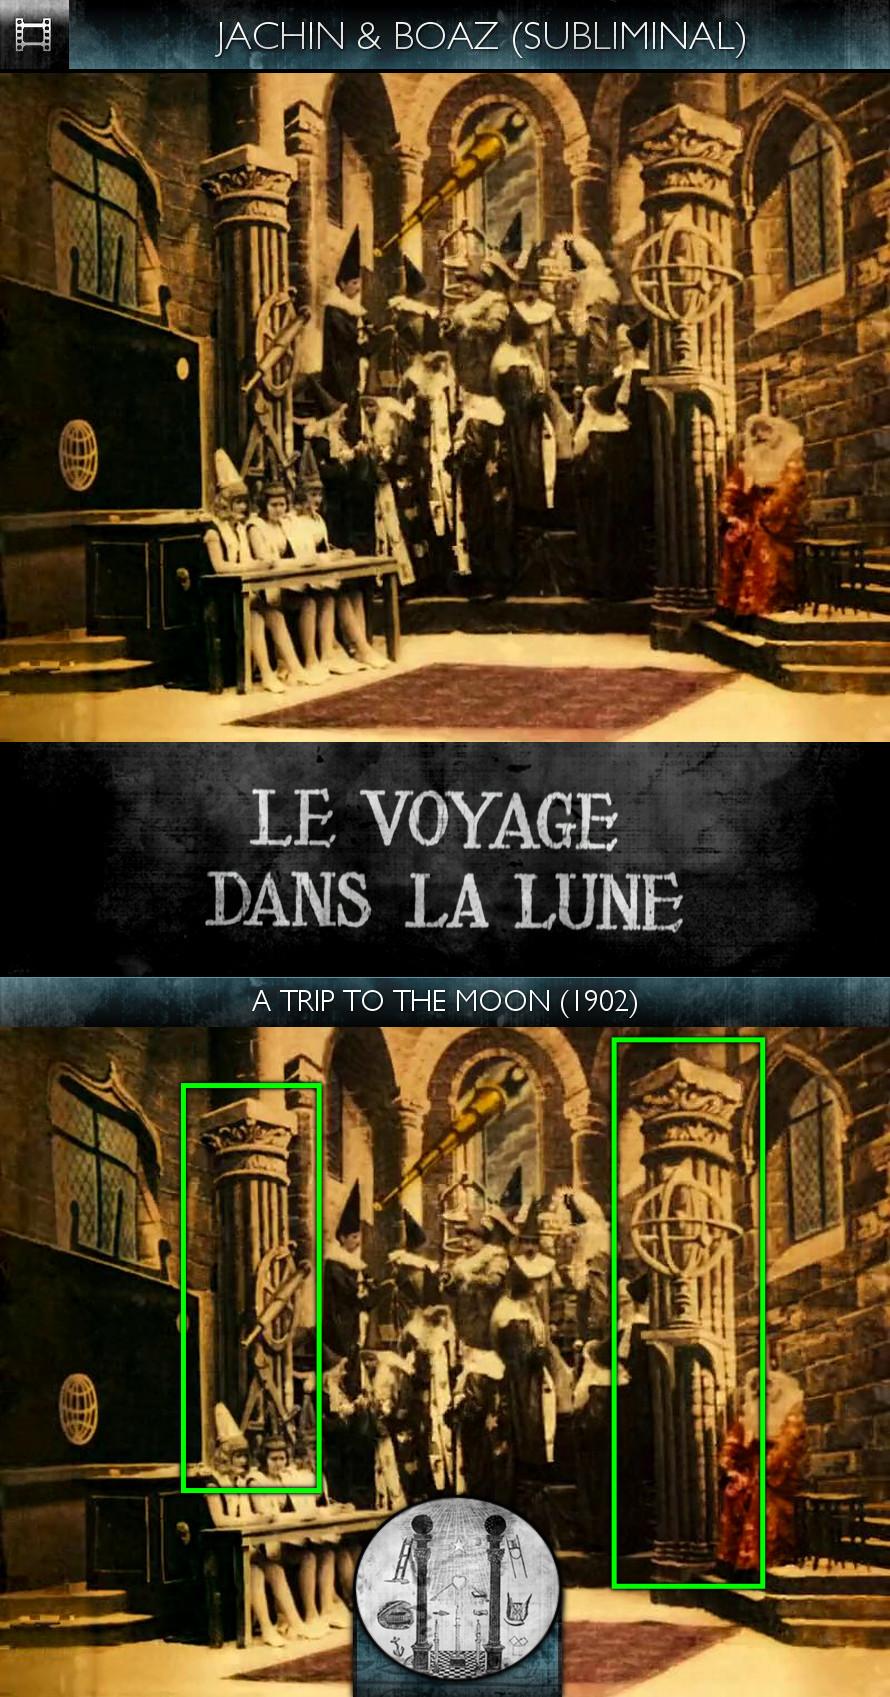 Voyage dans la Lune (A Trip to the Moon) (1902) - Jachin & Boaz - Subliminal